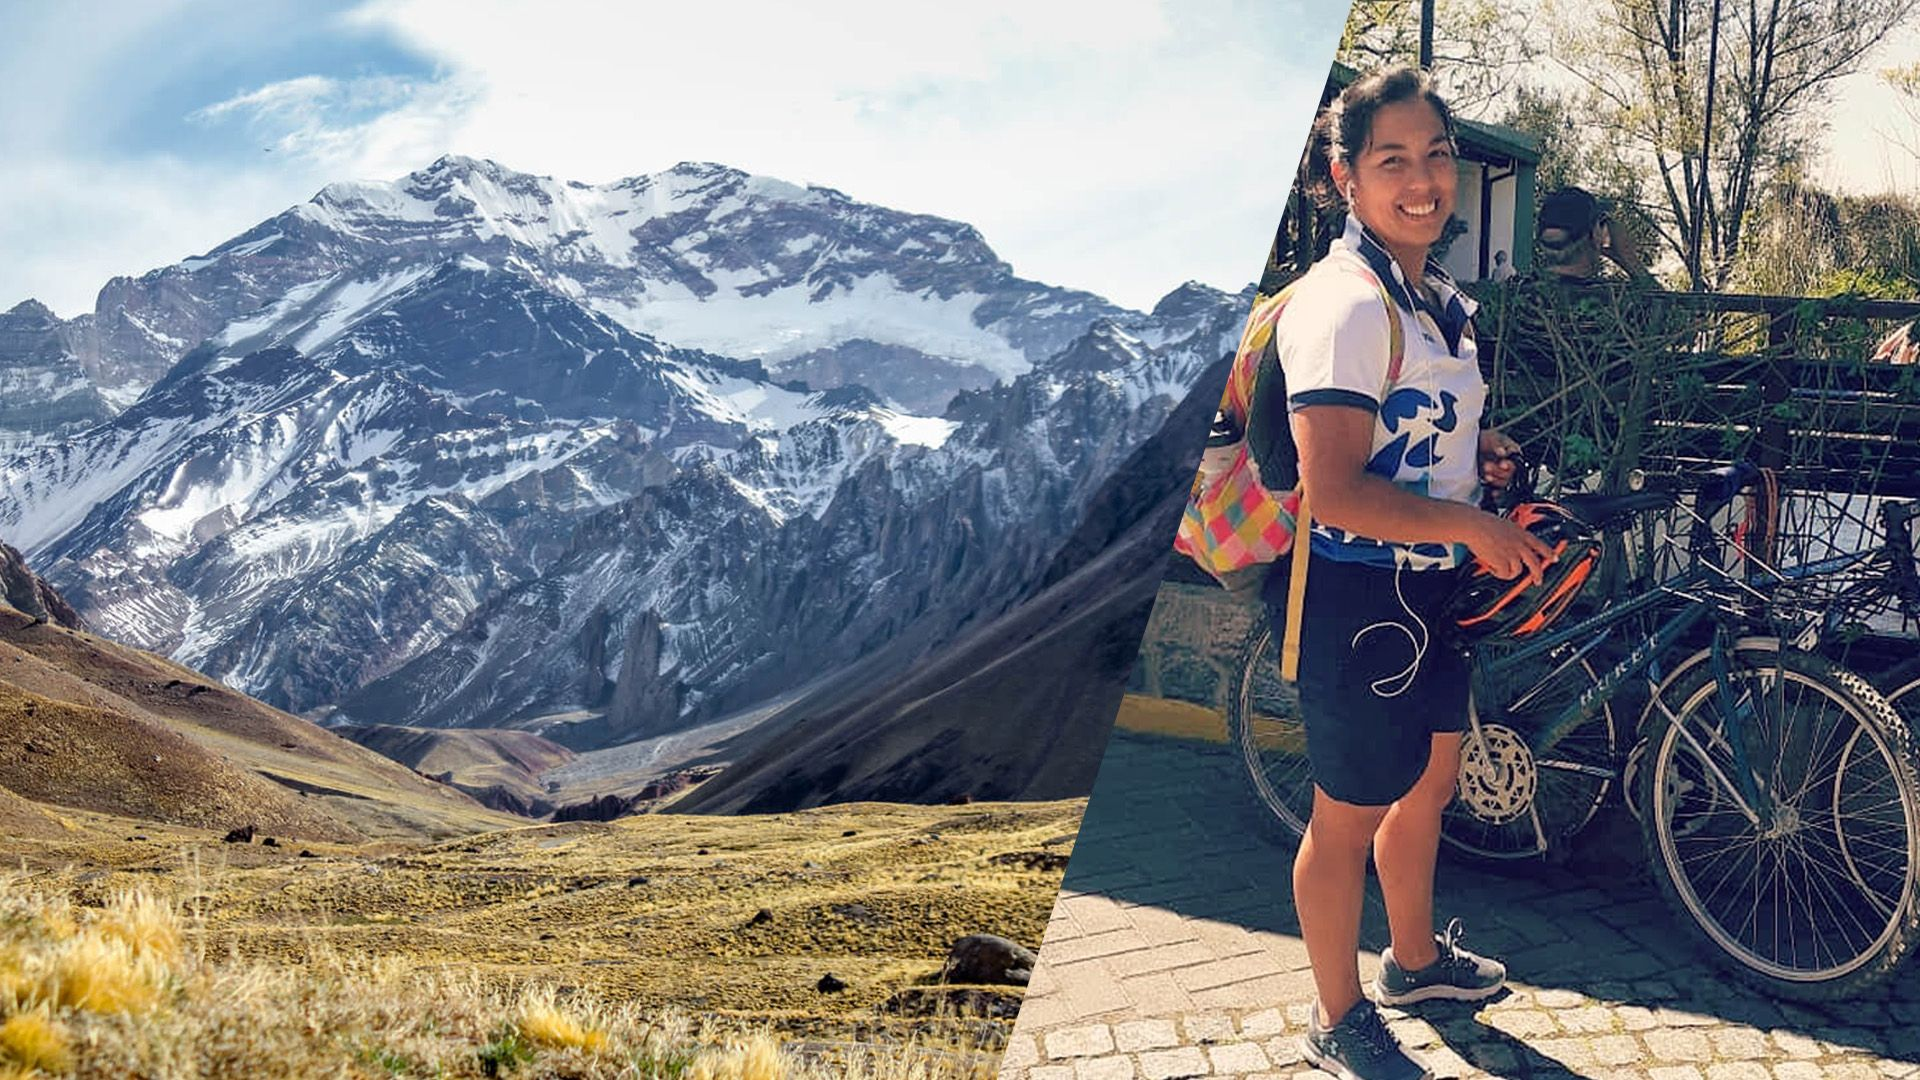 En apenas unas semanas, Emilia se graduará como odontóloga en la UNLP y su viaje de egresados será subir el Aconcagua